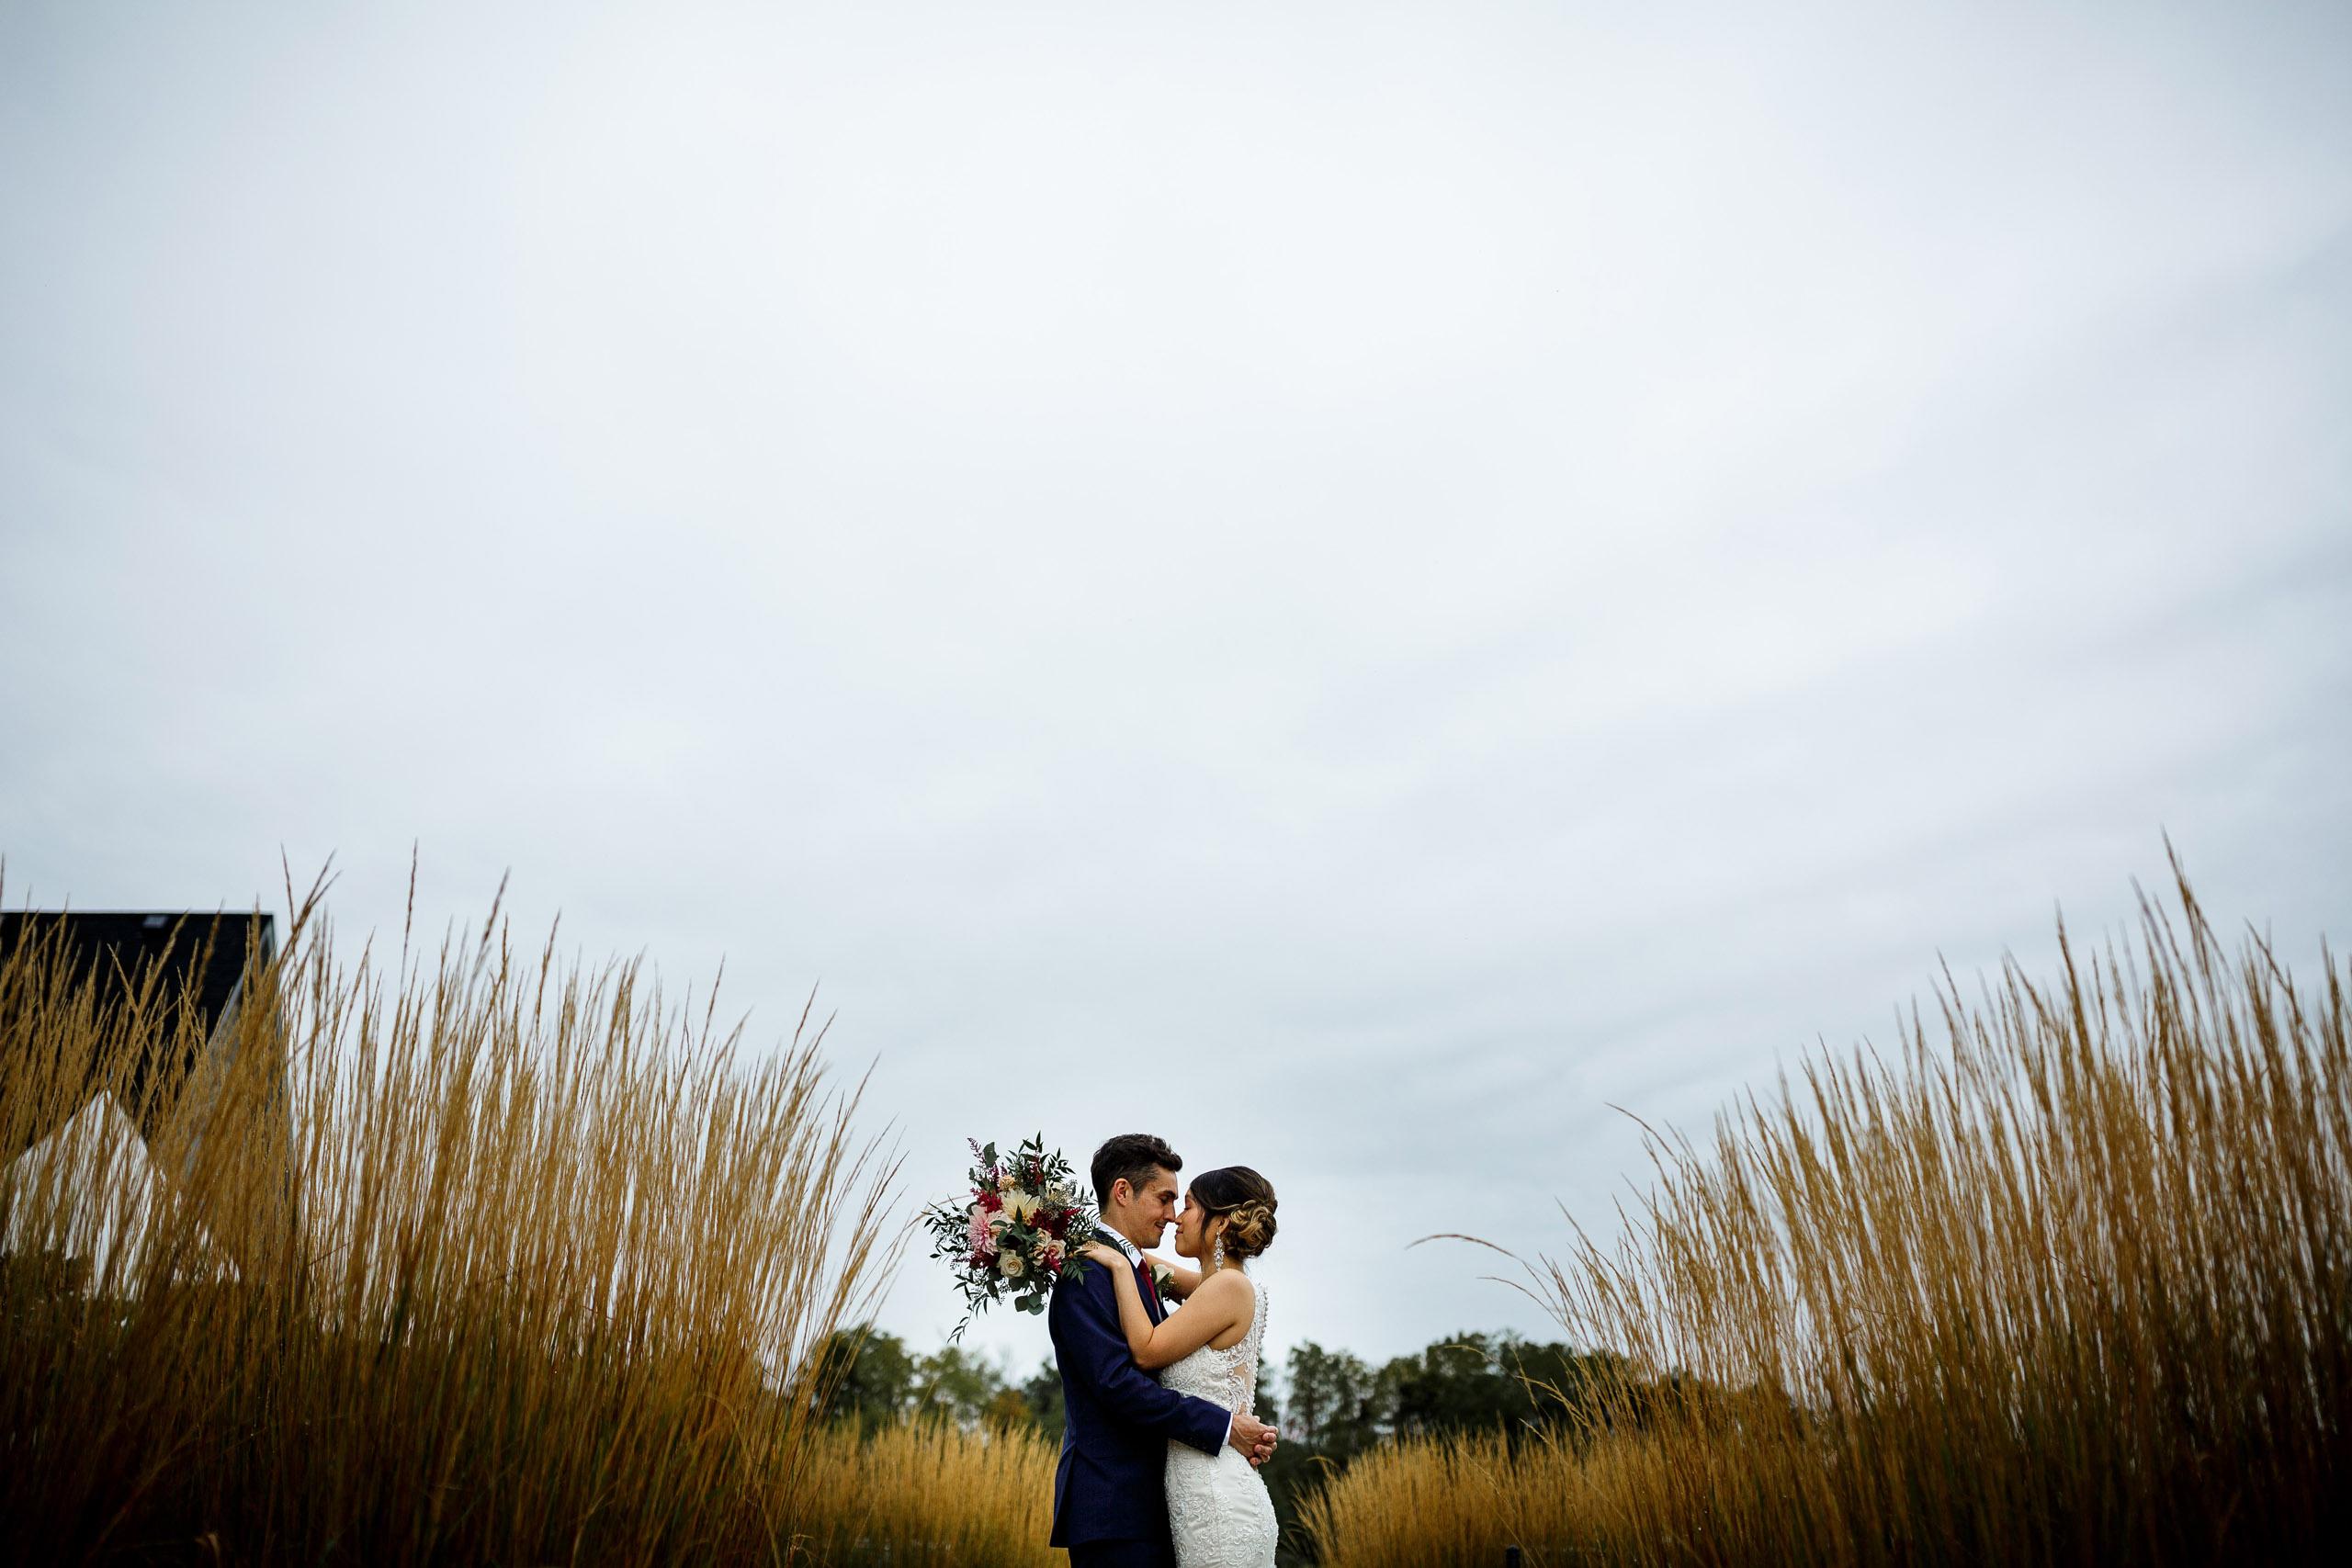 vineland estates winery wedding niagara bride groom